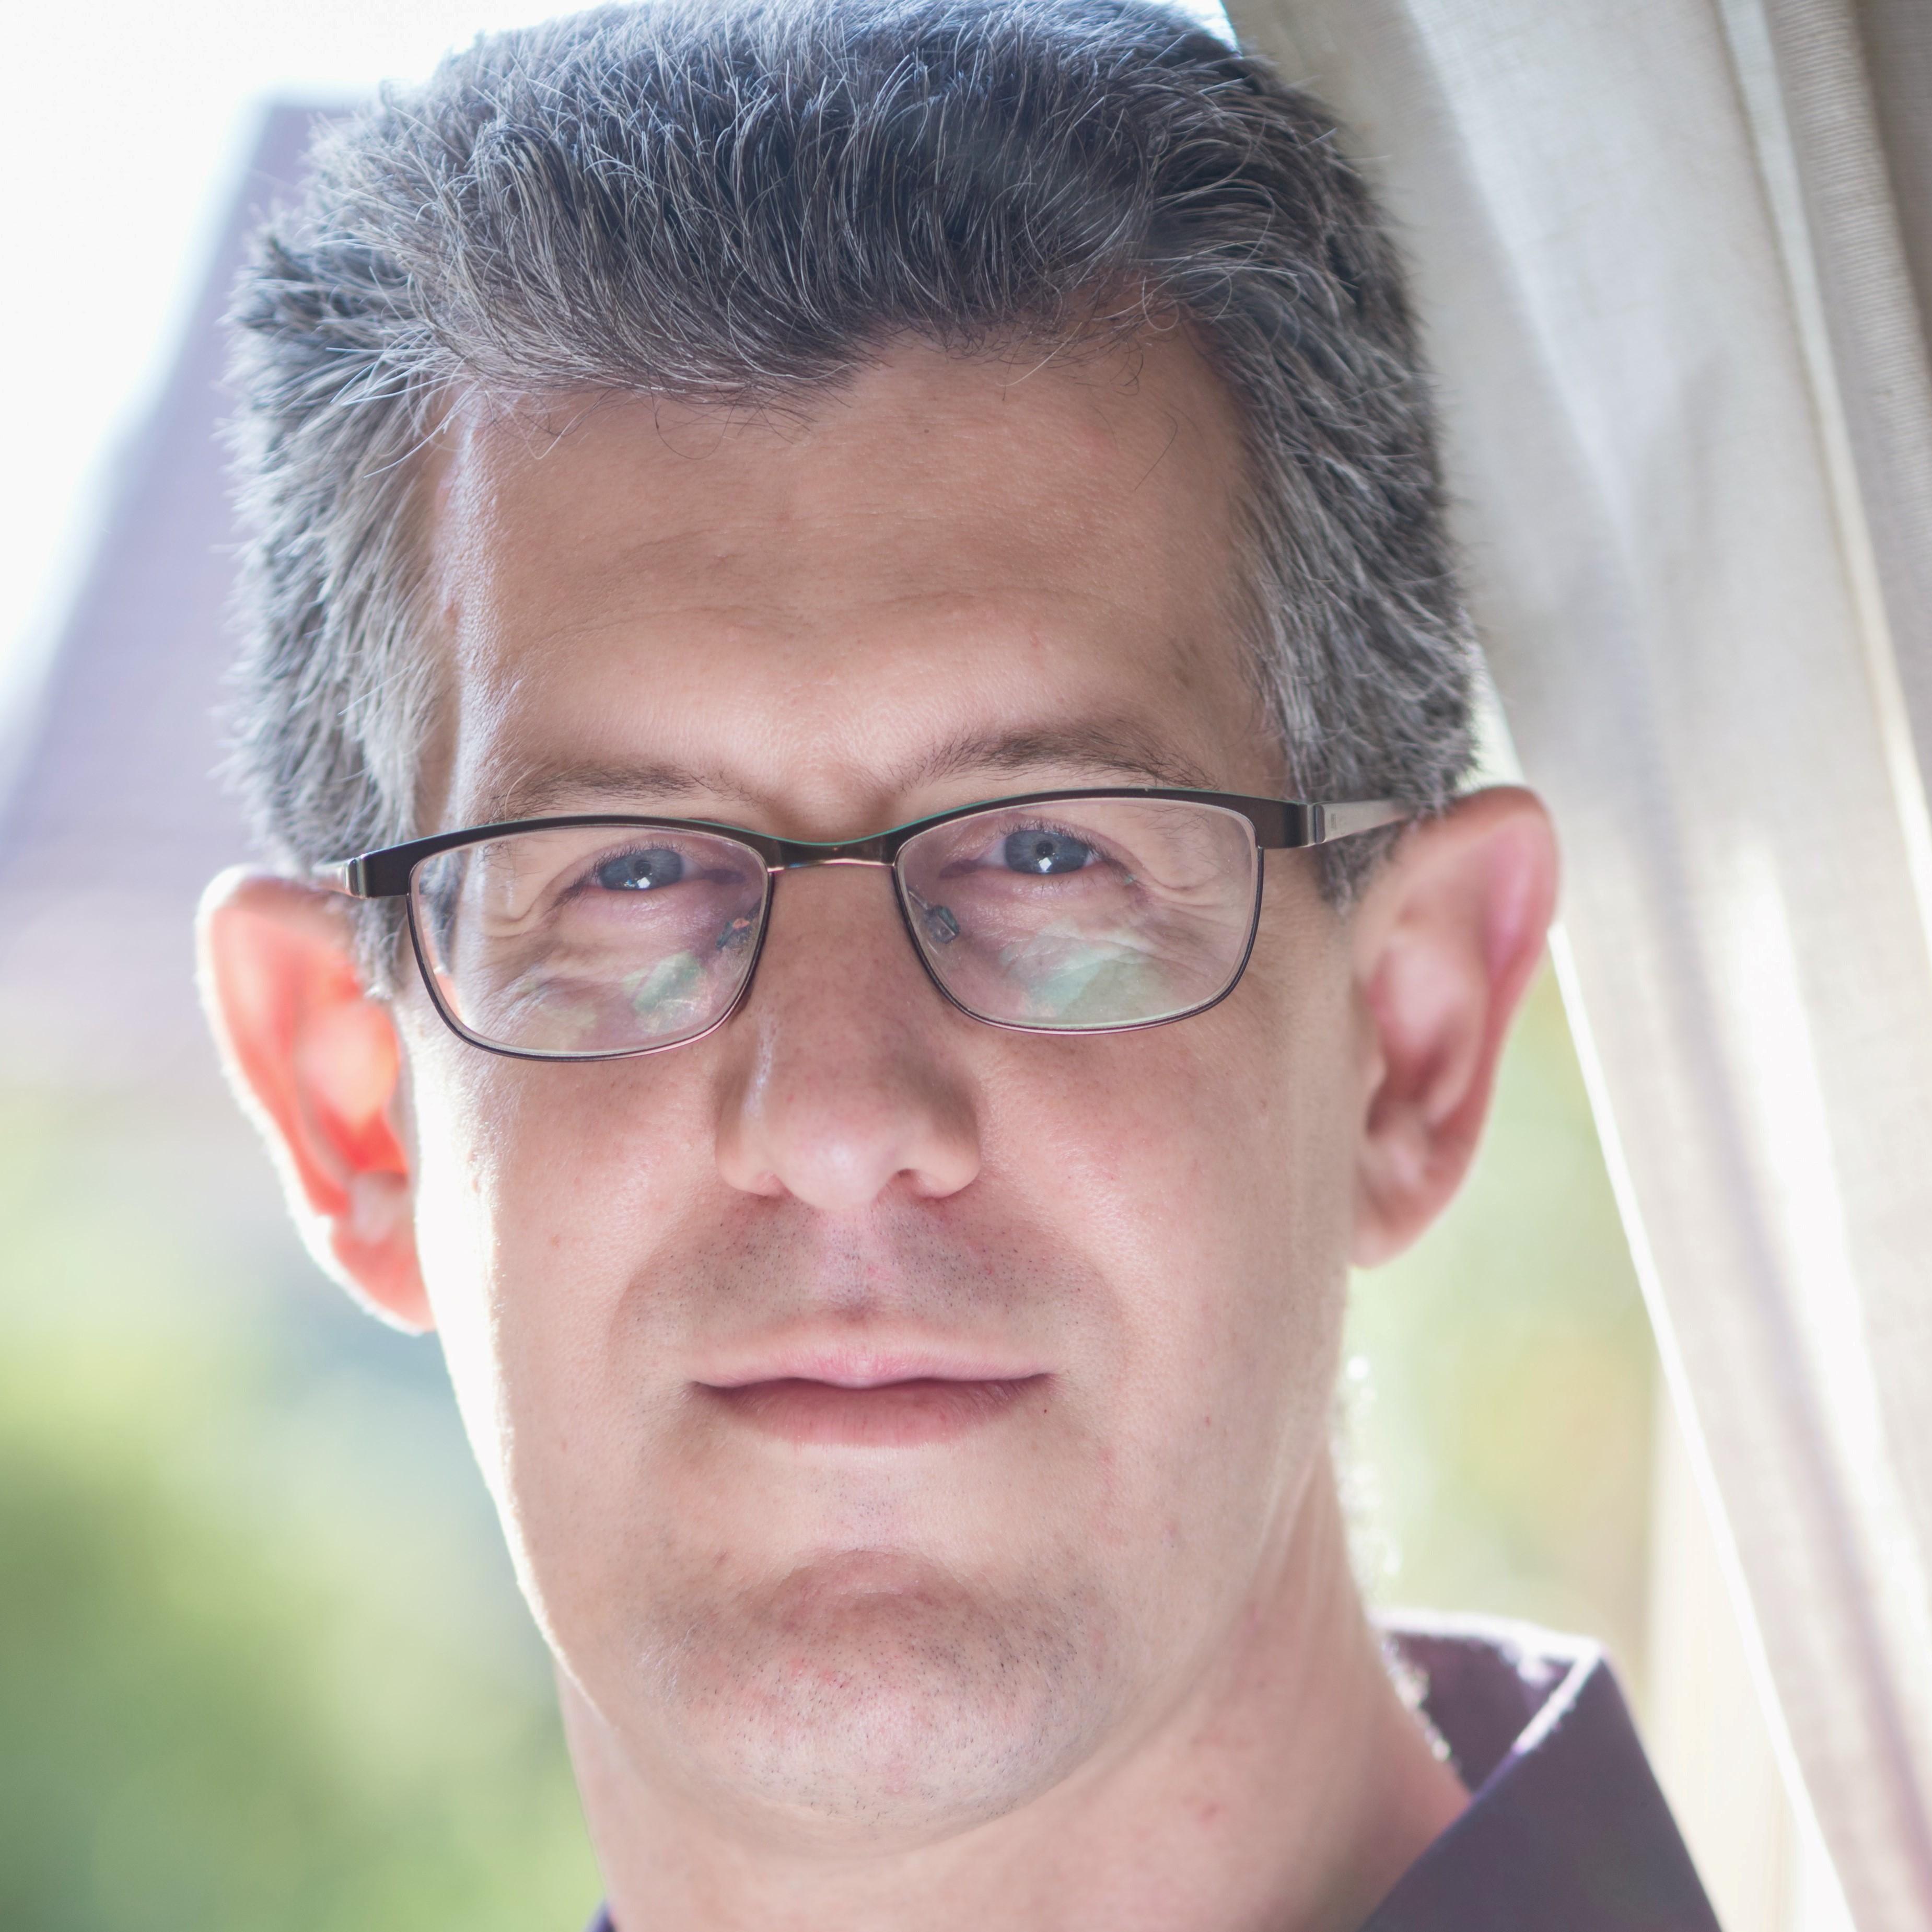 Amichai Shulman